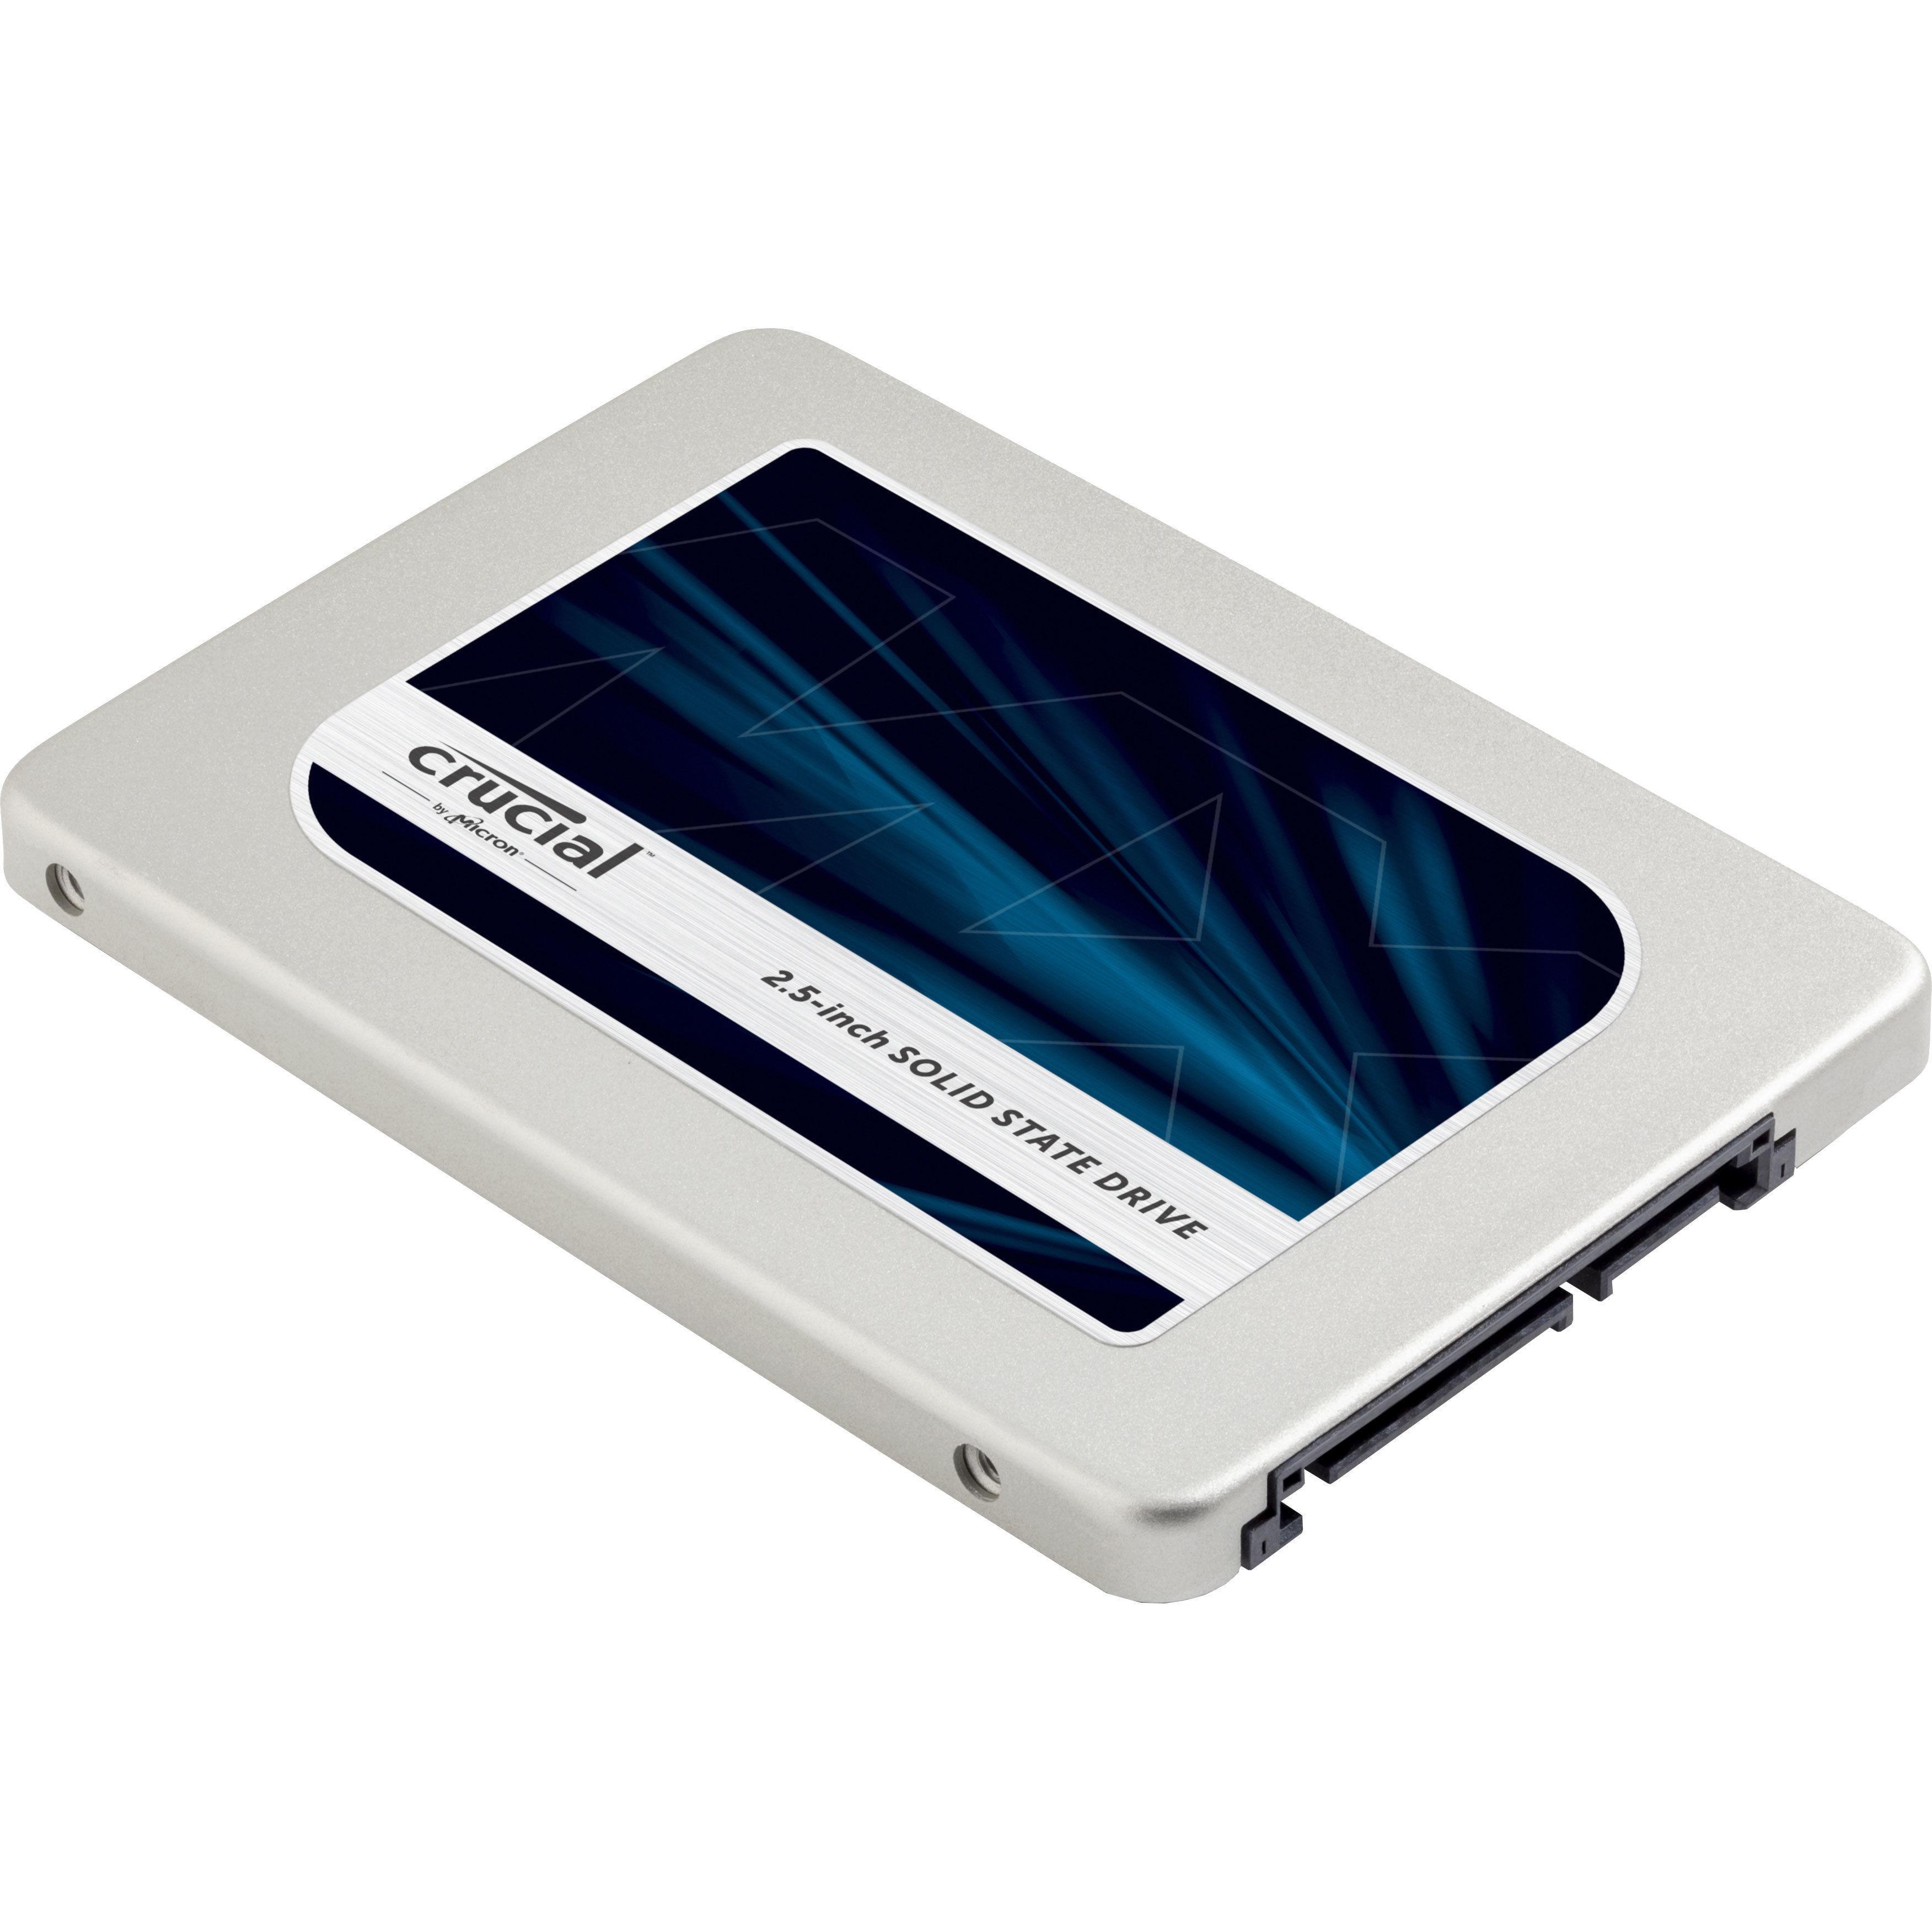 MX300 525 Go